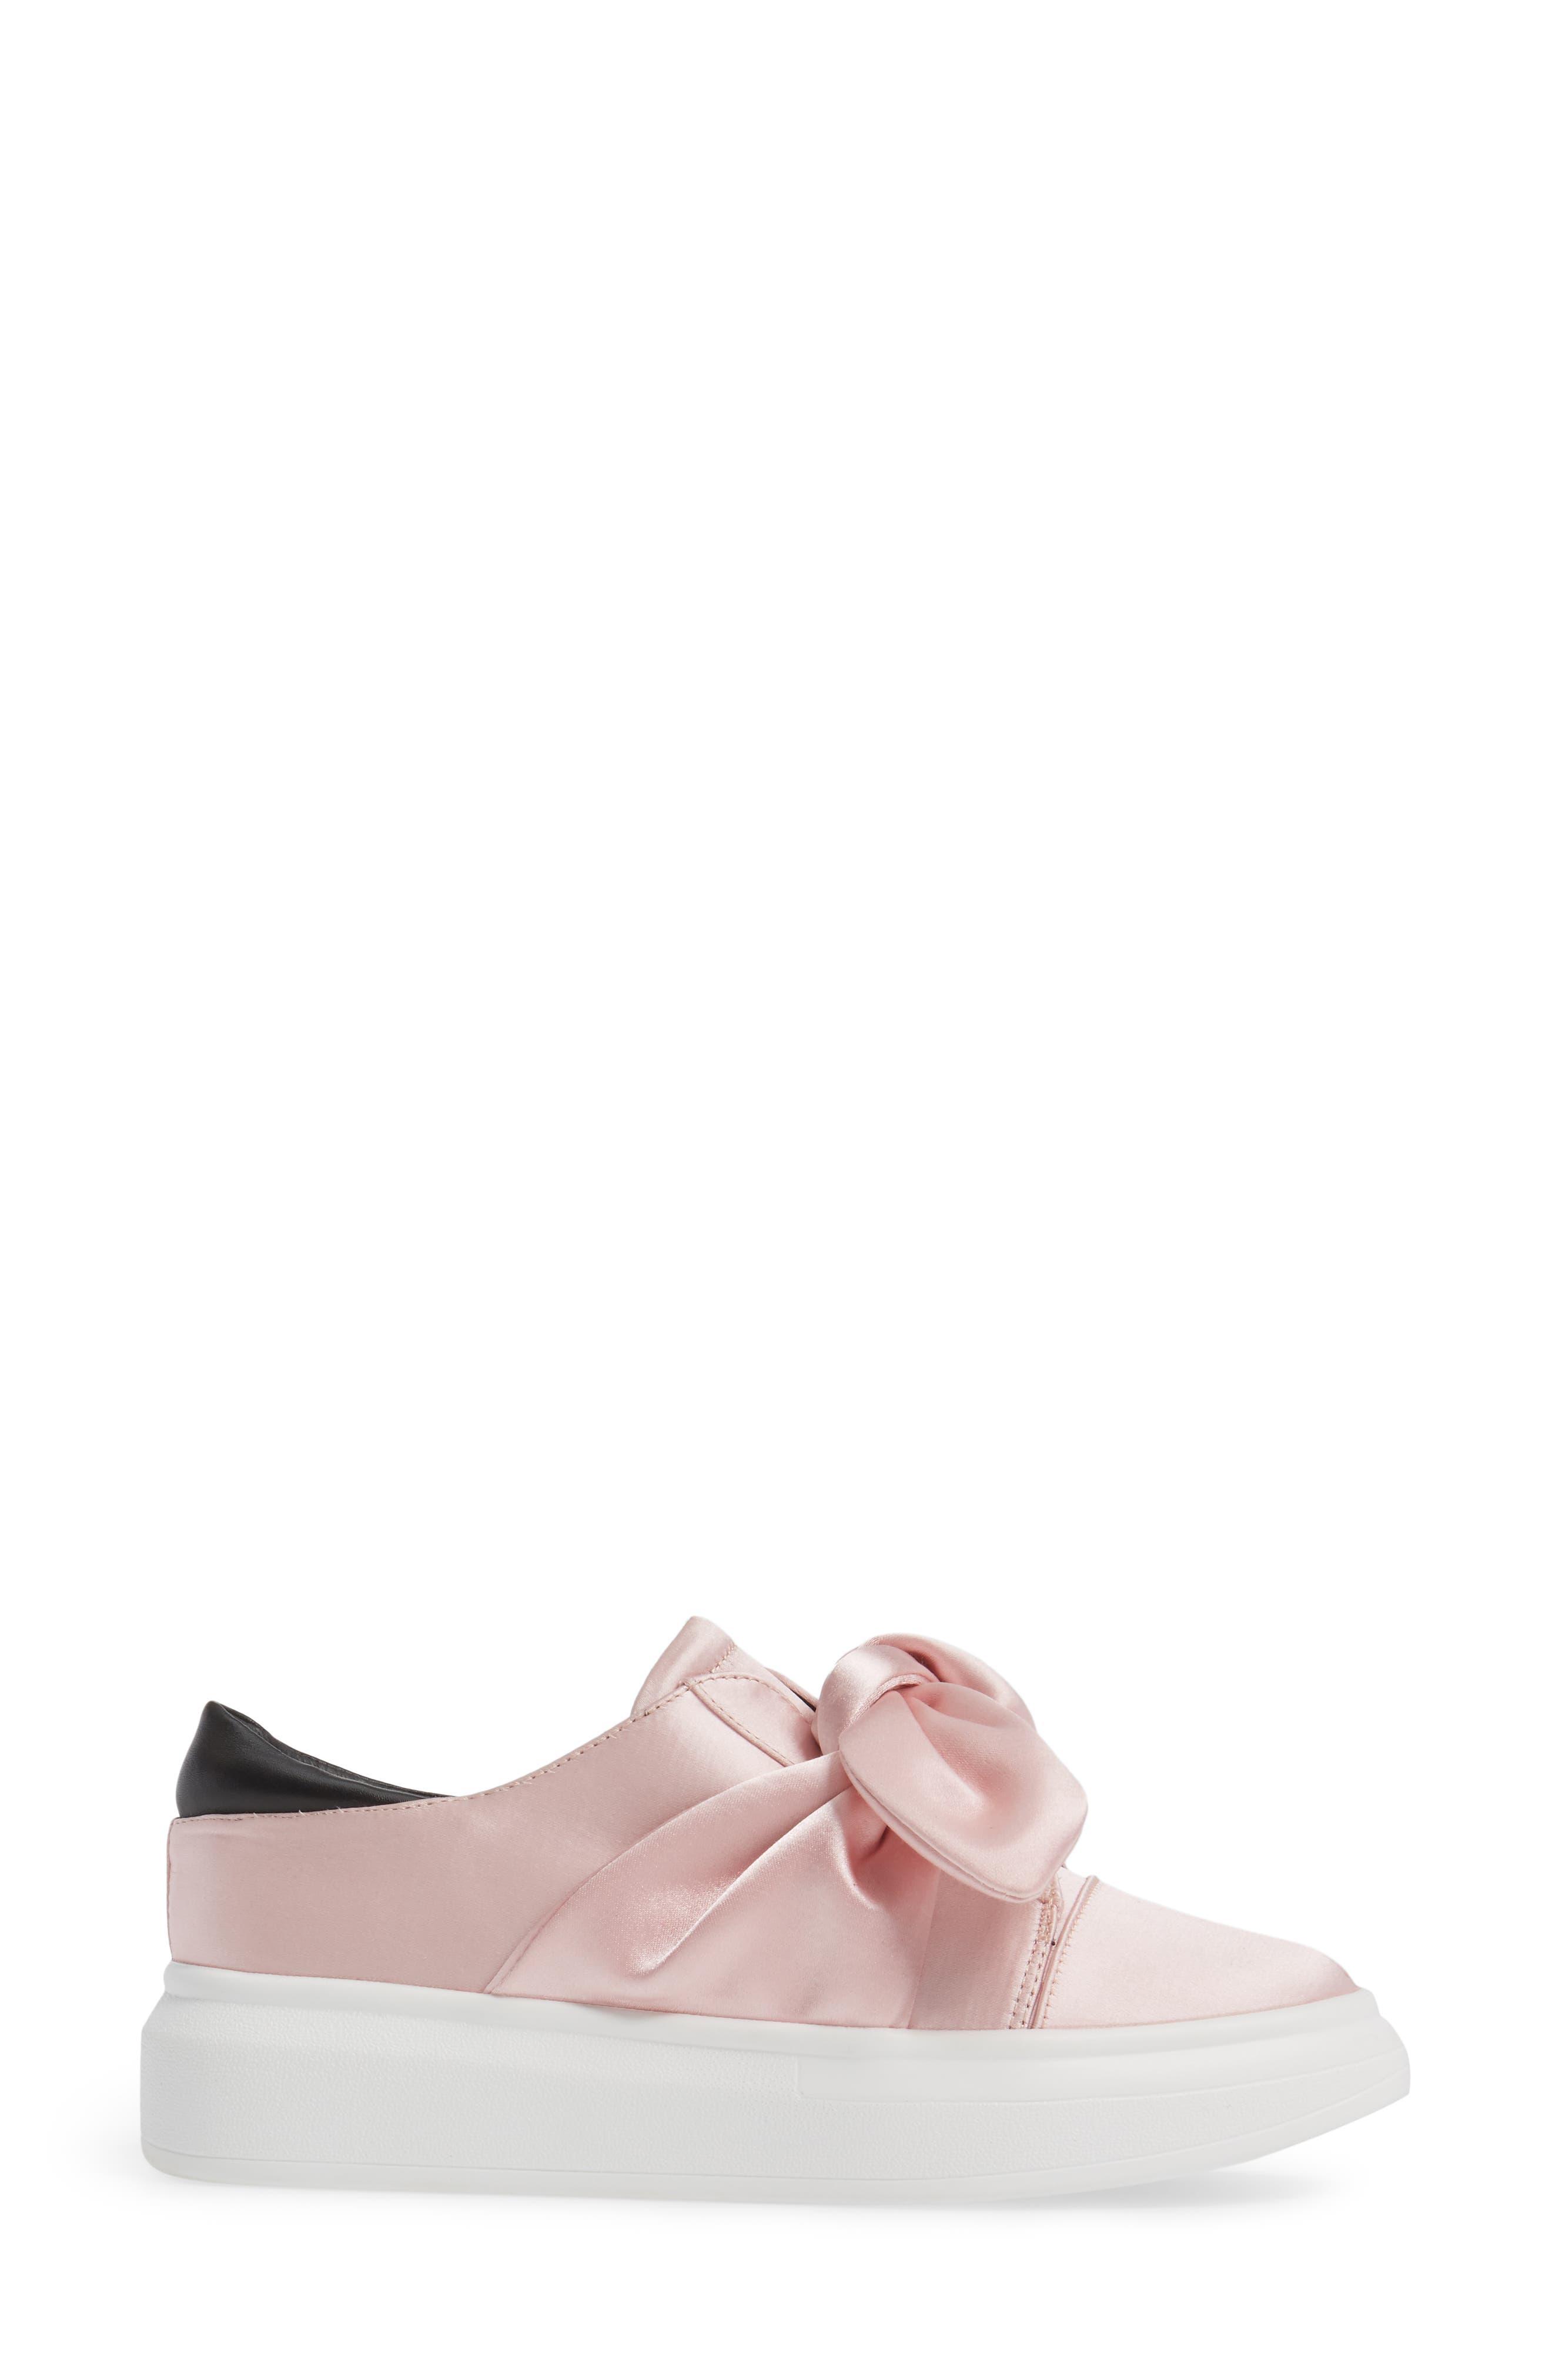 Edgar Slip-On Sneaker,                             Alternate thumbnail 3, color,                             650